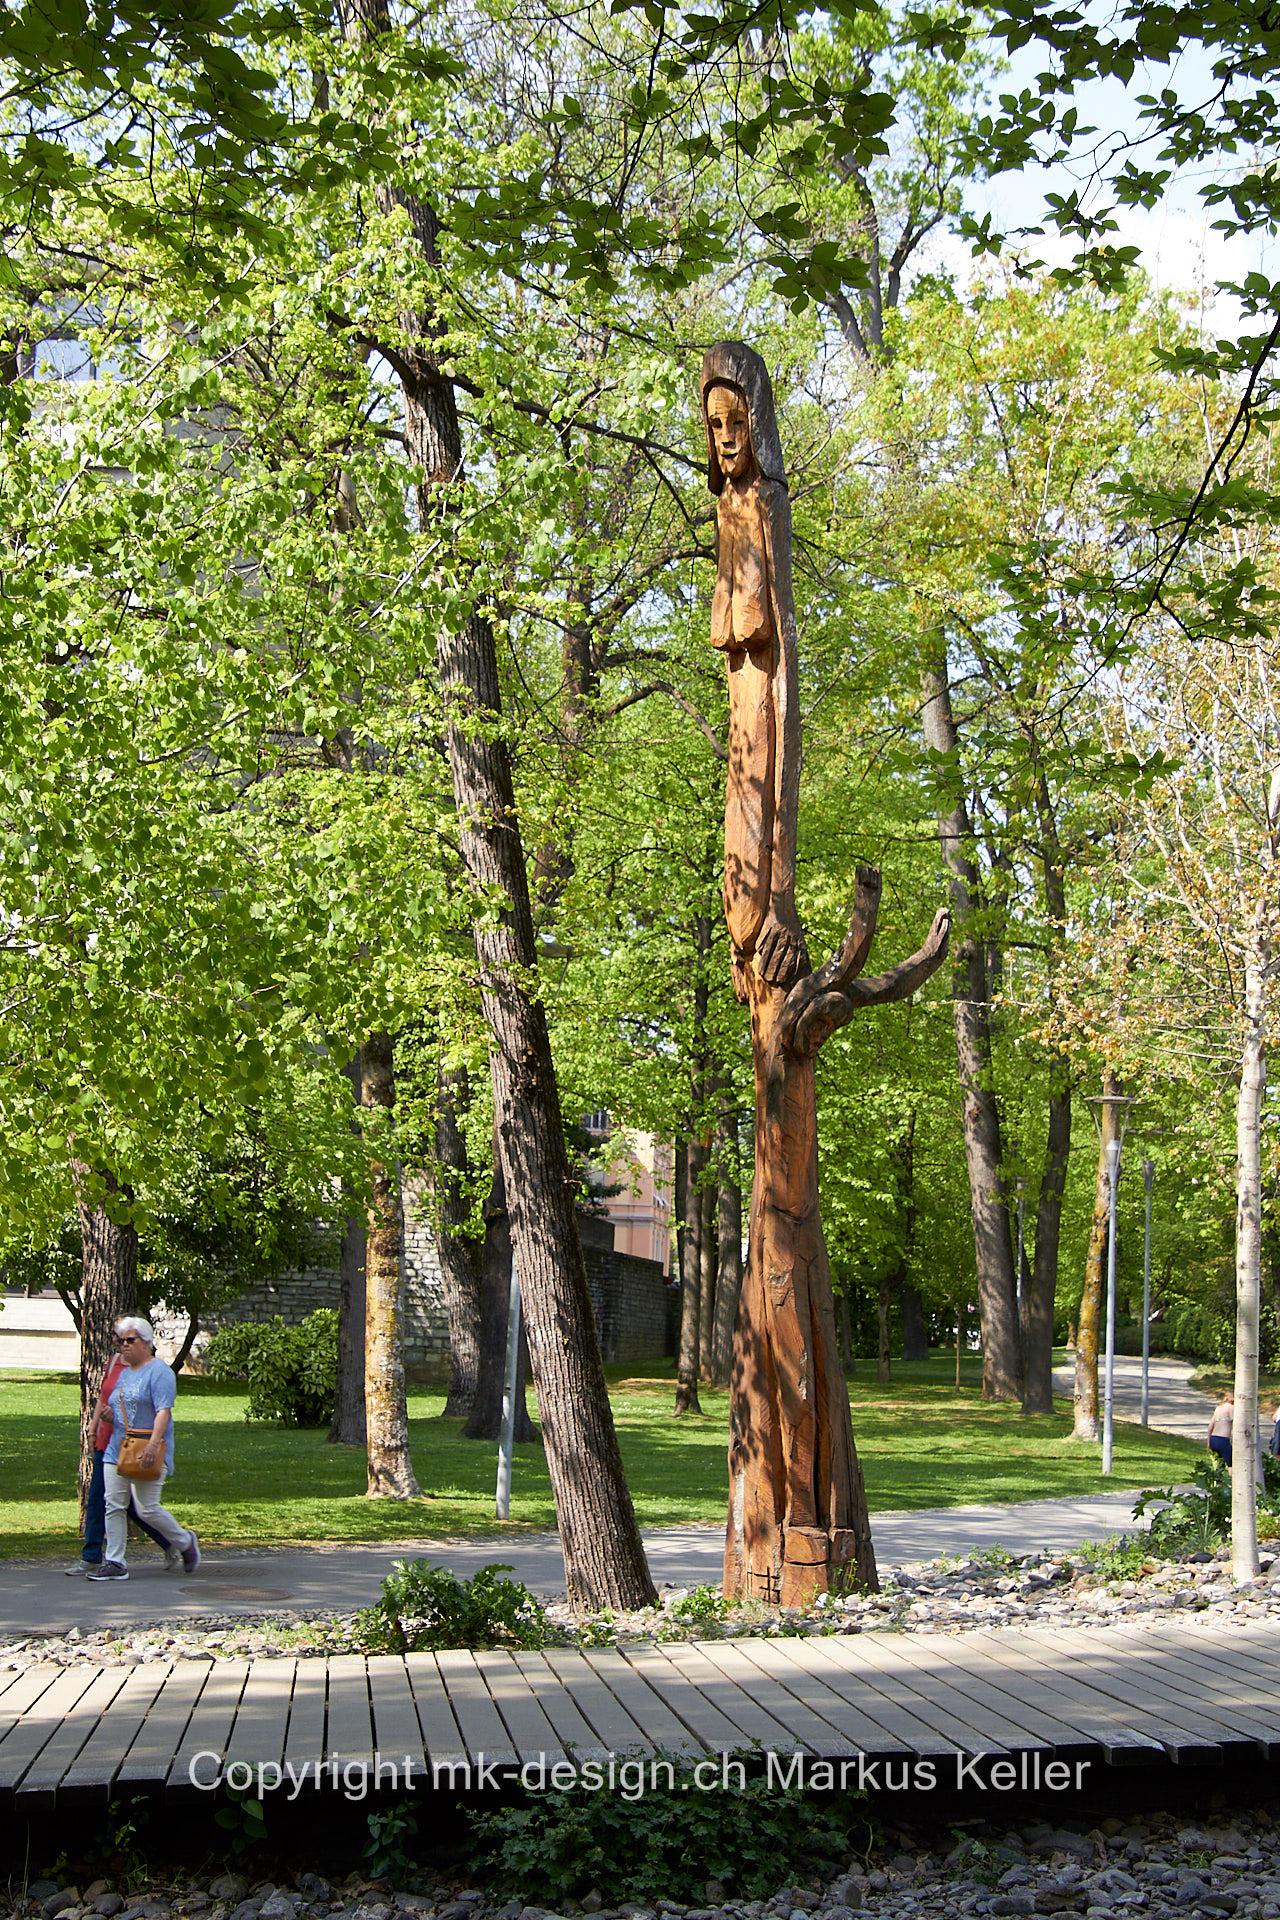 Bauwerk   Statue/Skulptur   Pflanze   Baum